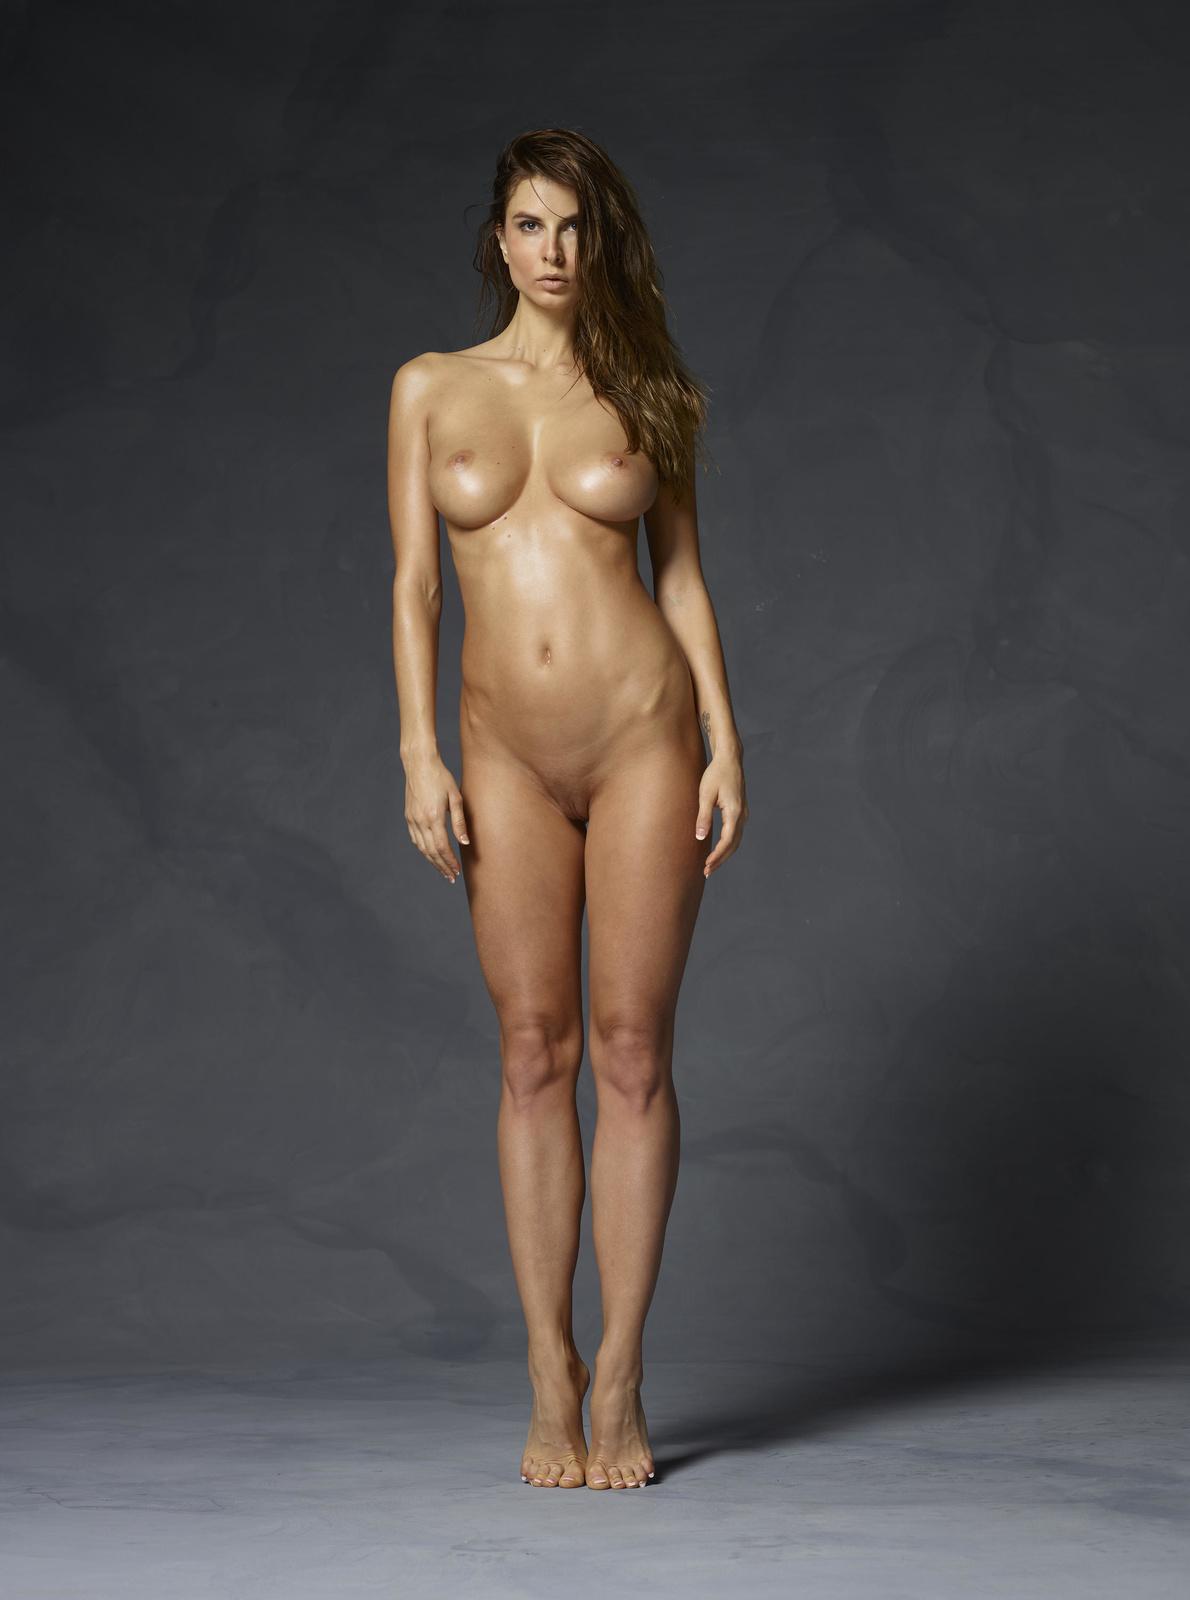 Zdjęcie porno - 1018 - Jędrne ciałko super babki